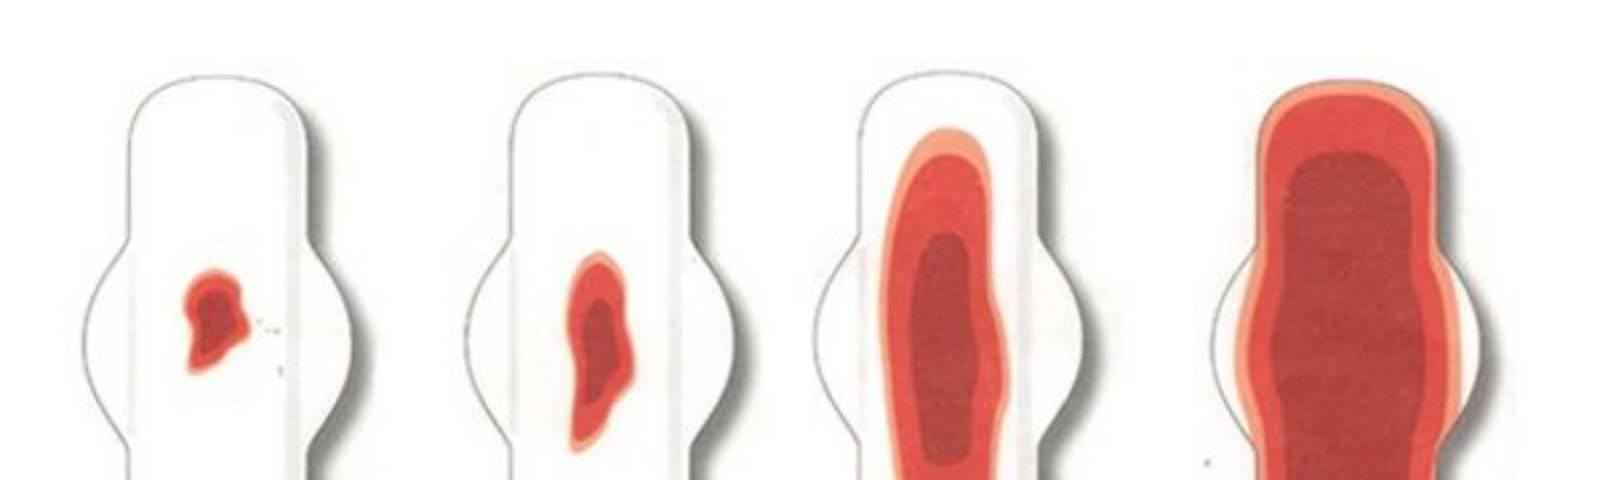 Выделения из уретры причины появления, выделения из мочеиспускательного канала у мужчин и женщин.